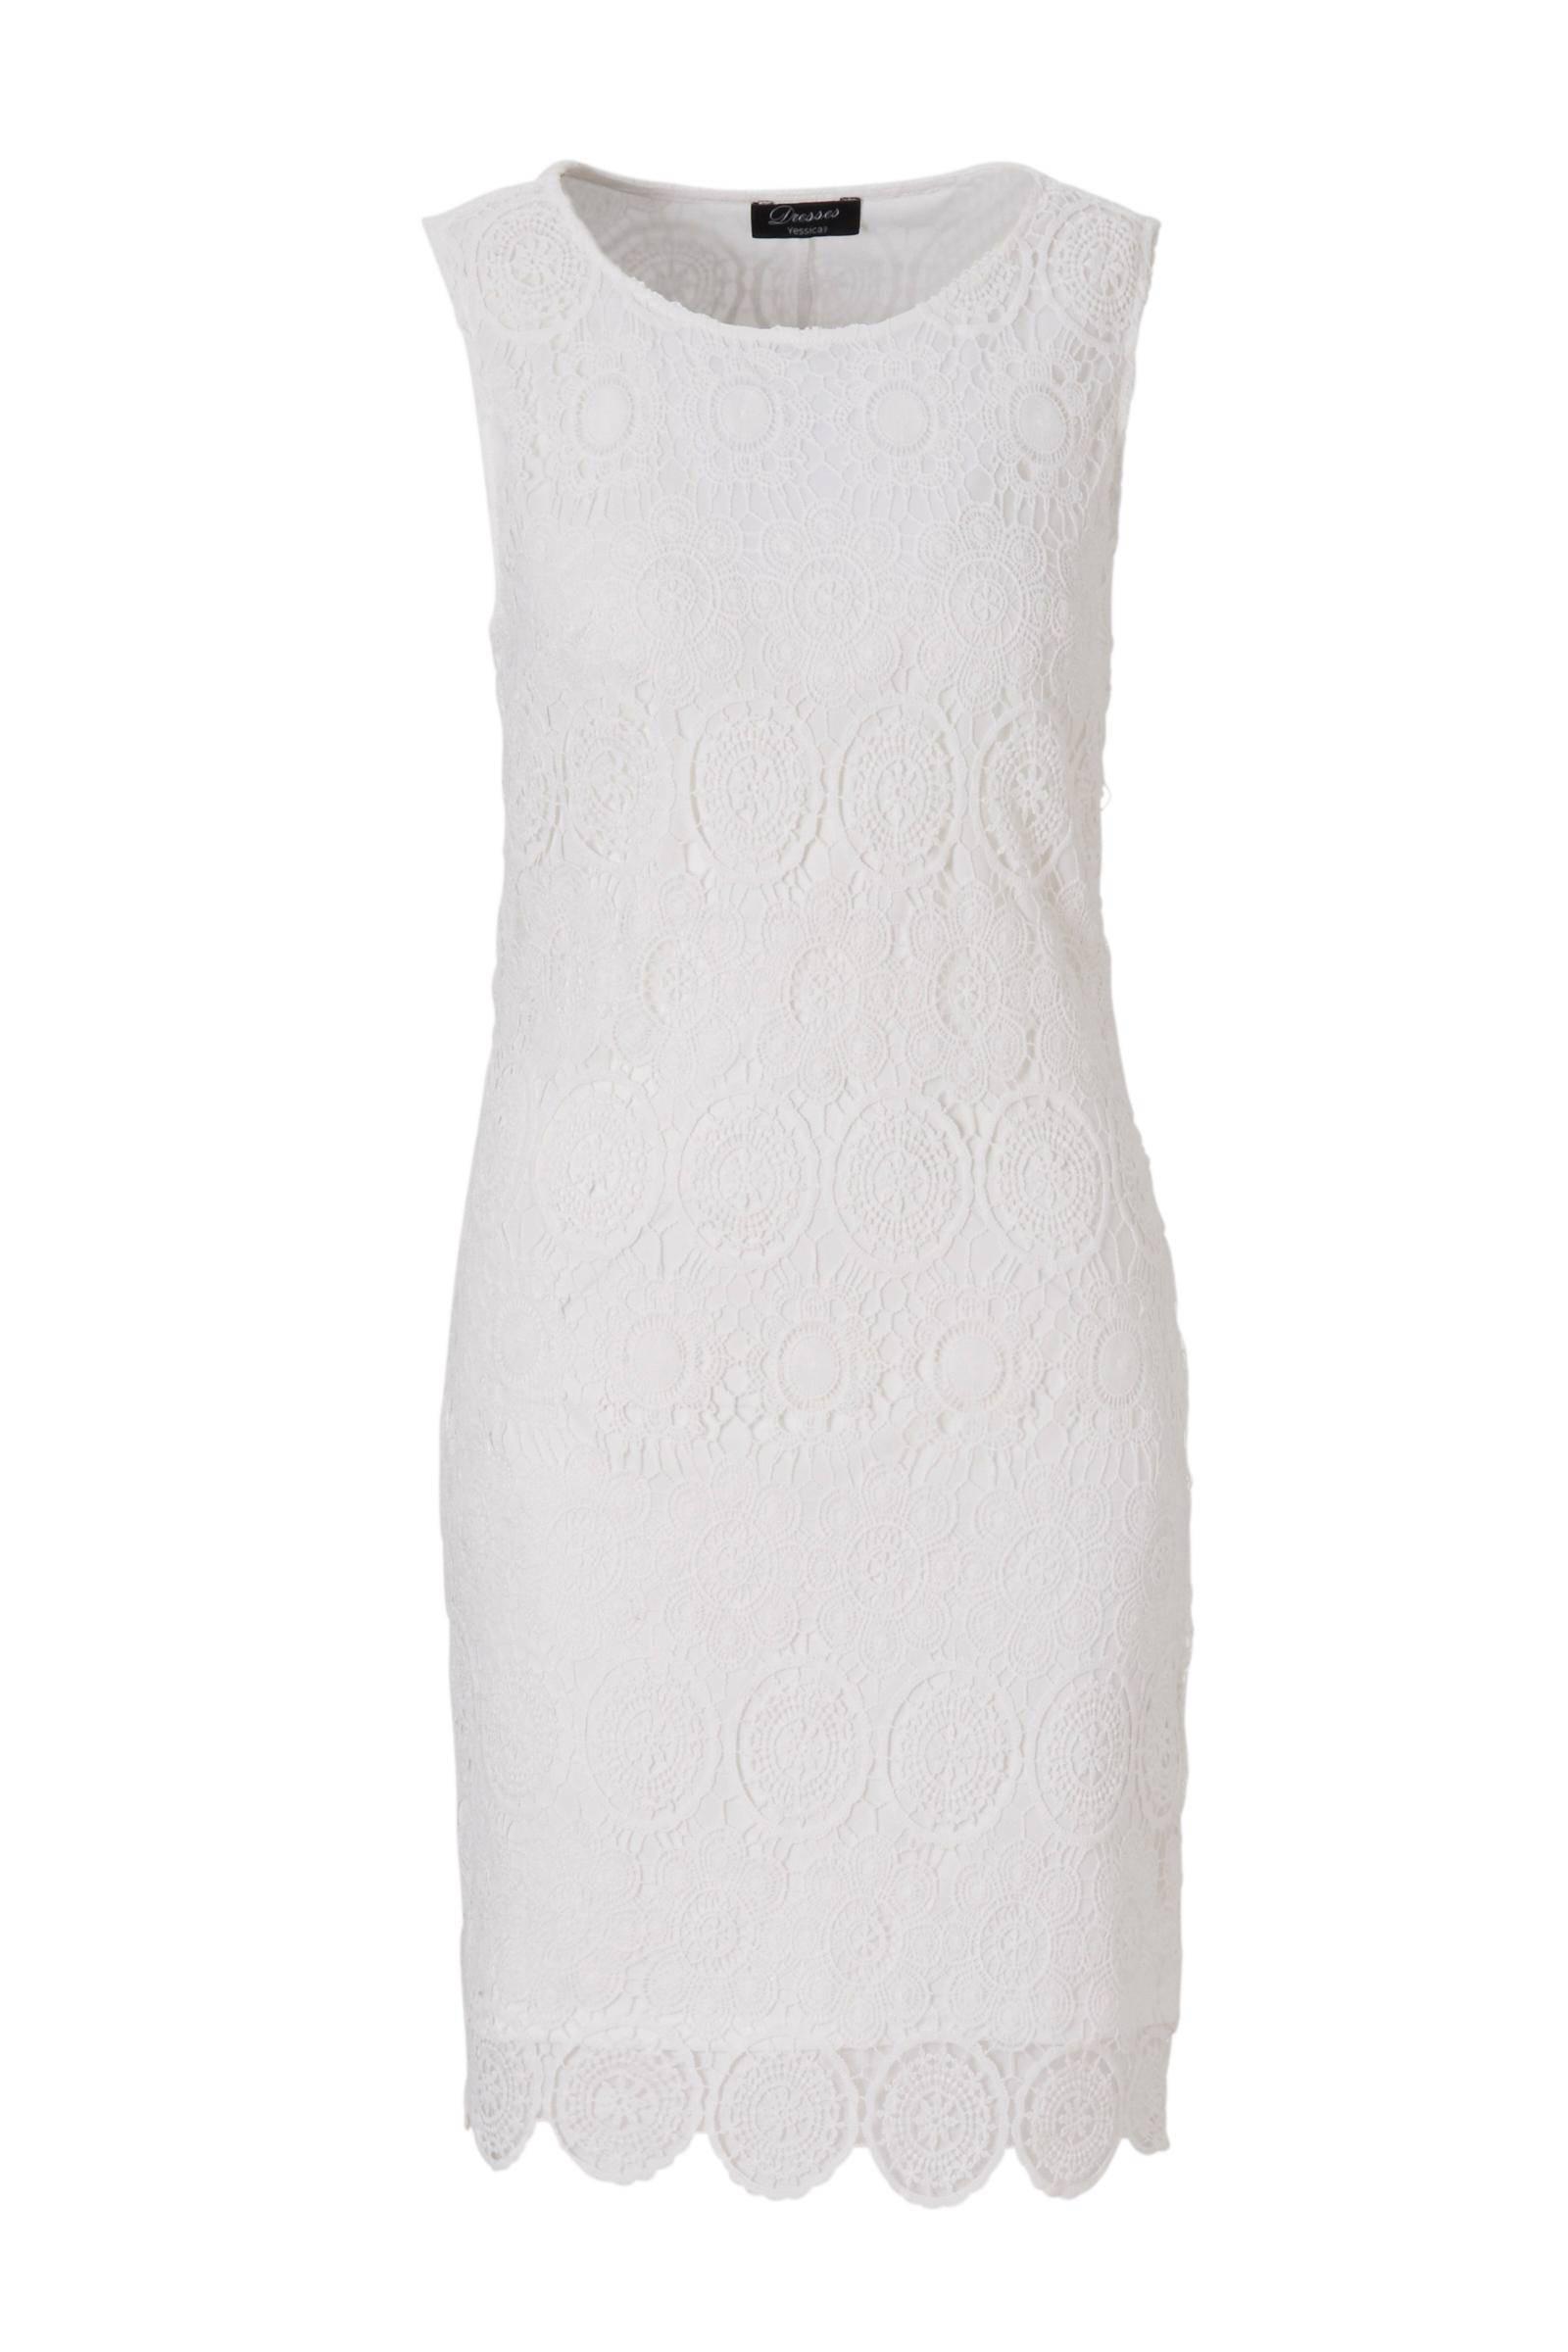 0f54ec8d937 C&A Yessica kanten jurk | wehkamp